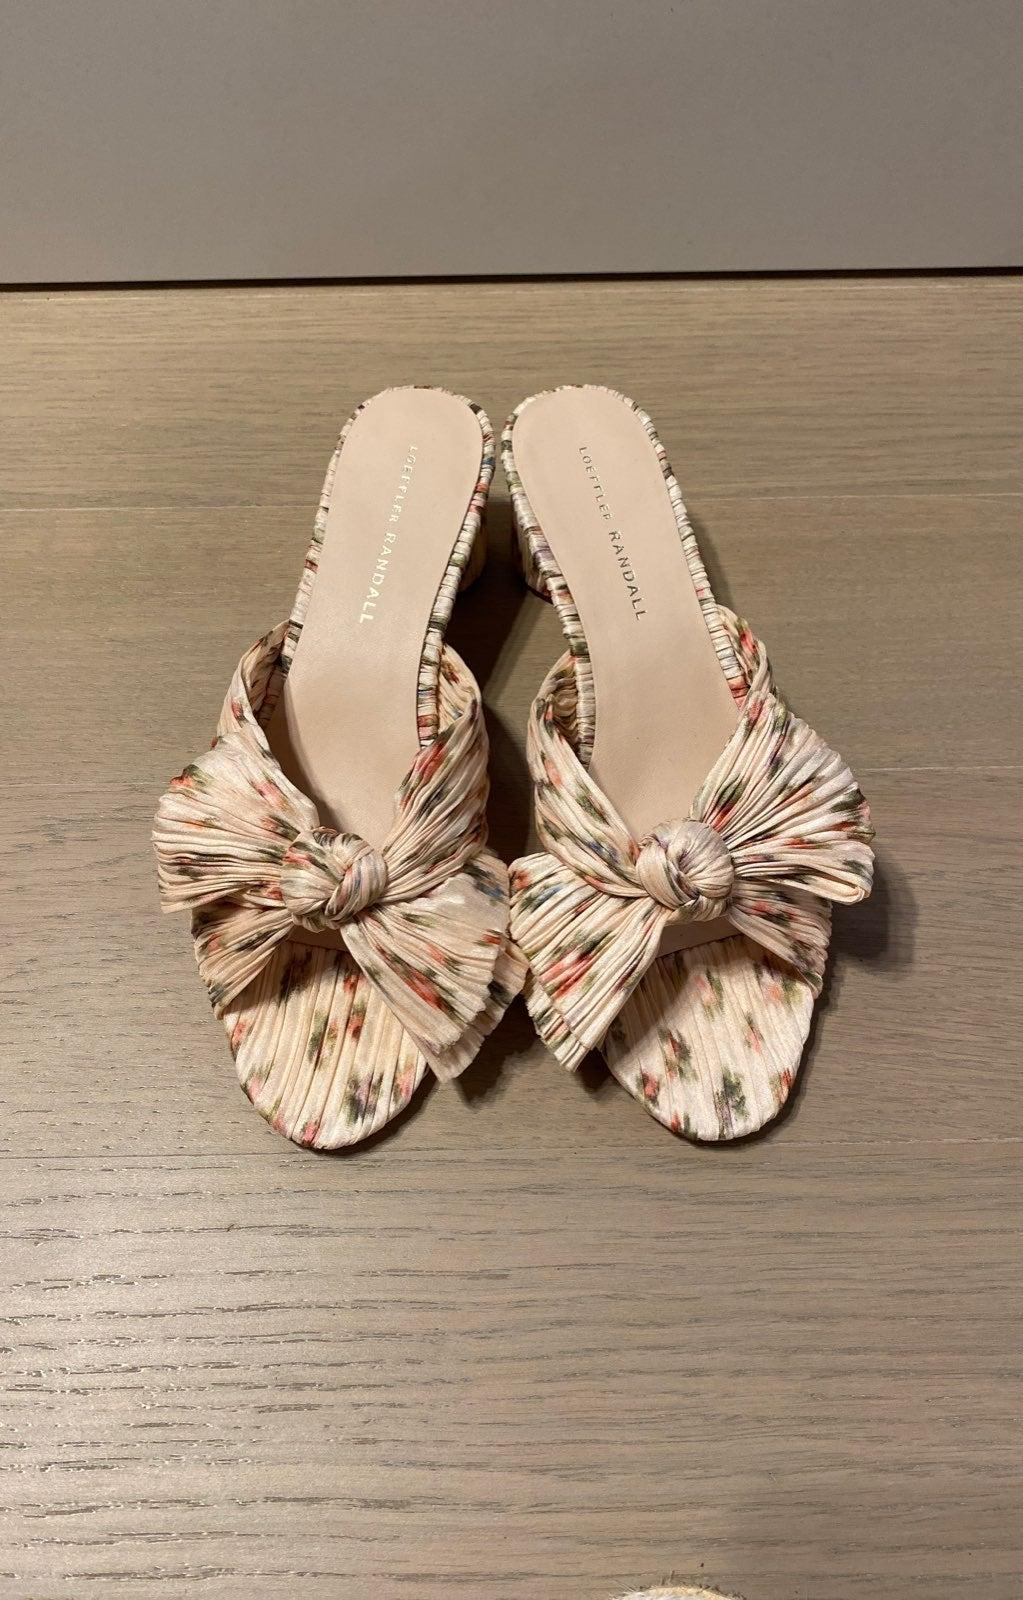 Loeffler Randall emilia sandal brand new